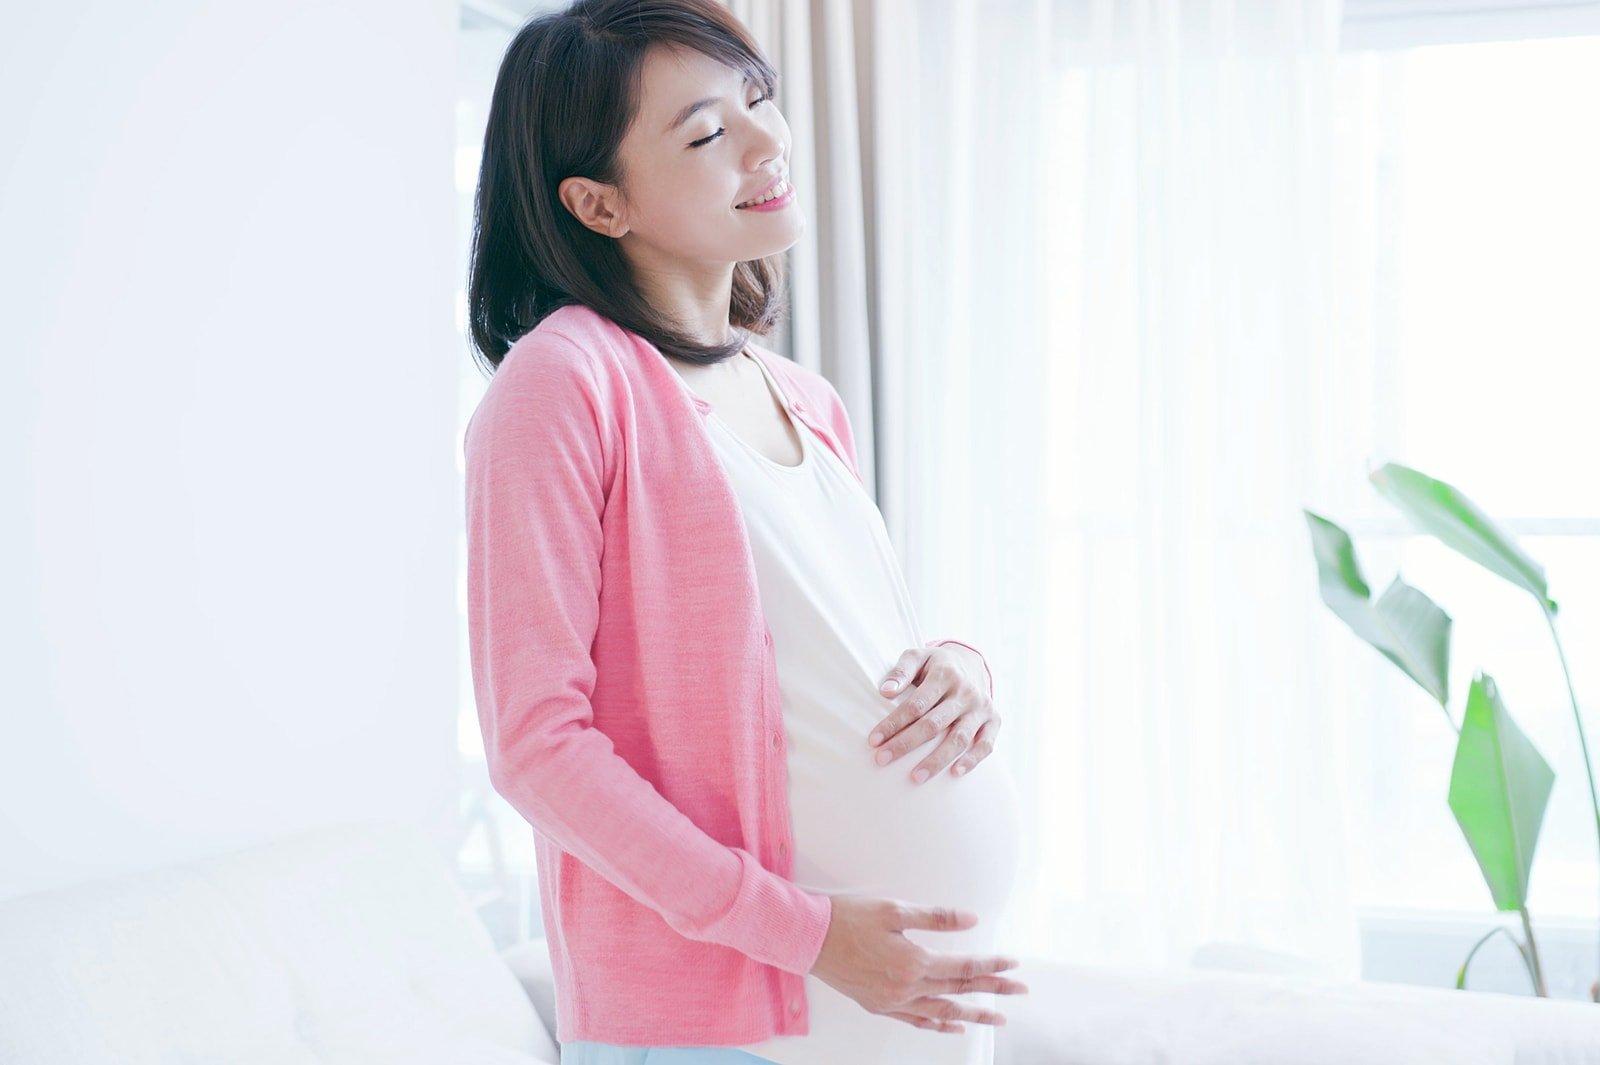 perawatan-payudara-header-image.jpg